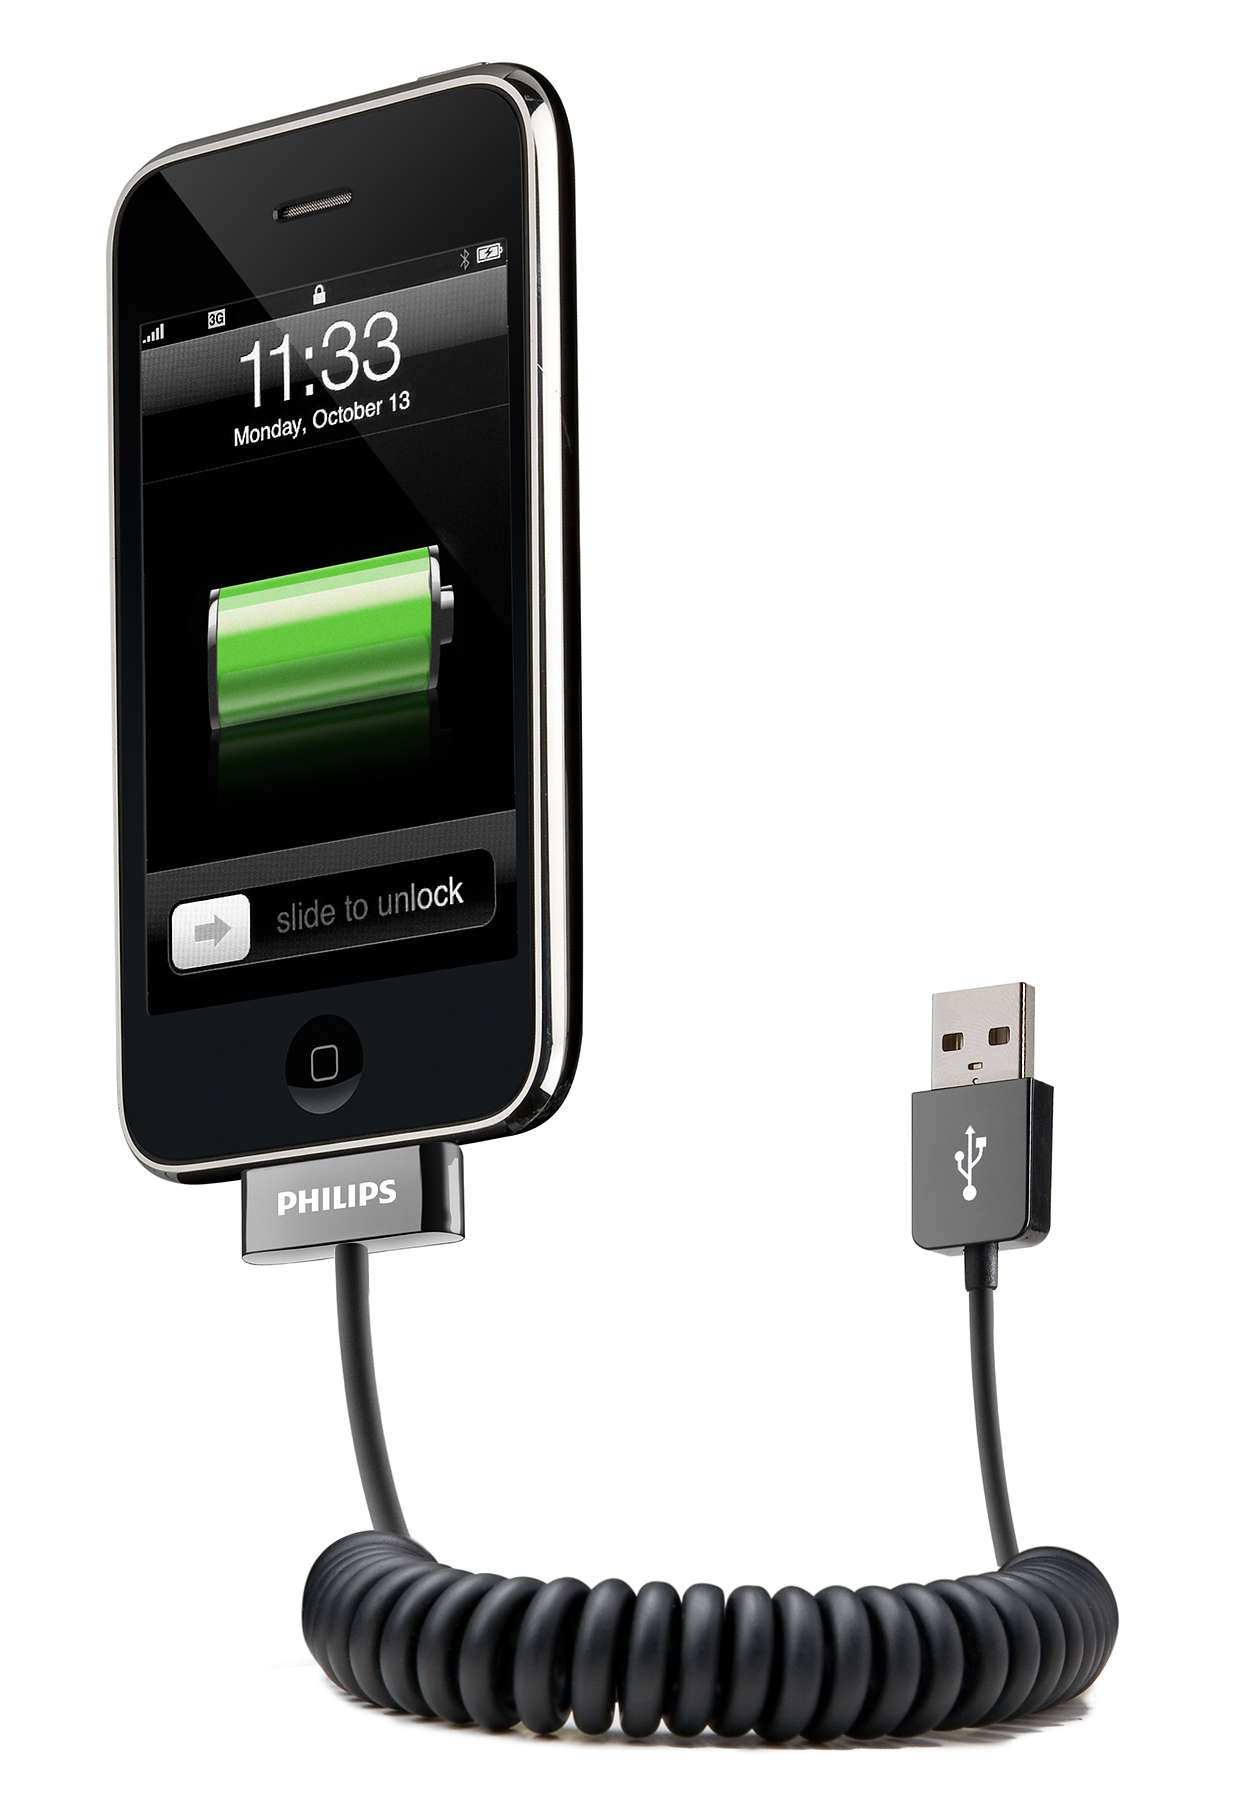 Connectez votre appareil à votre ordinateur par USB